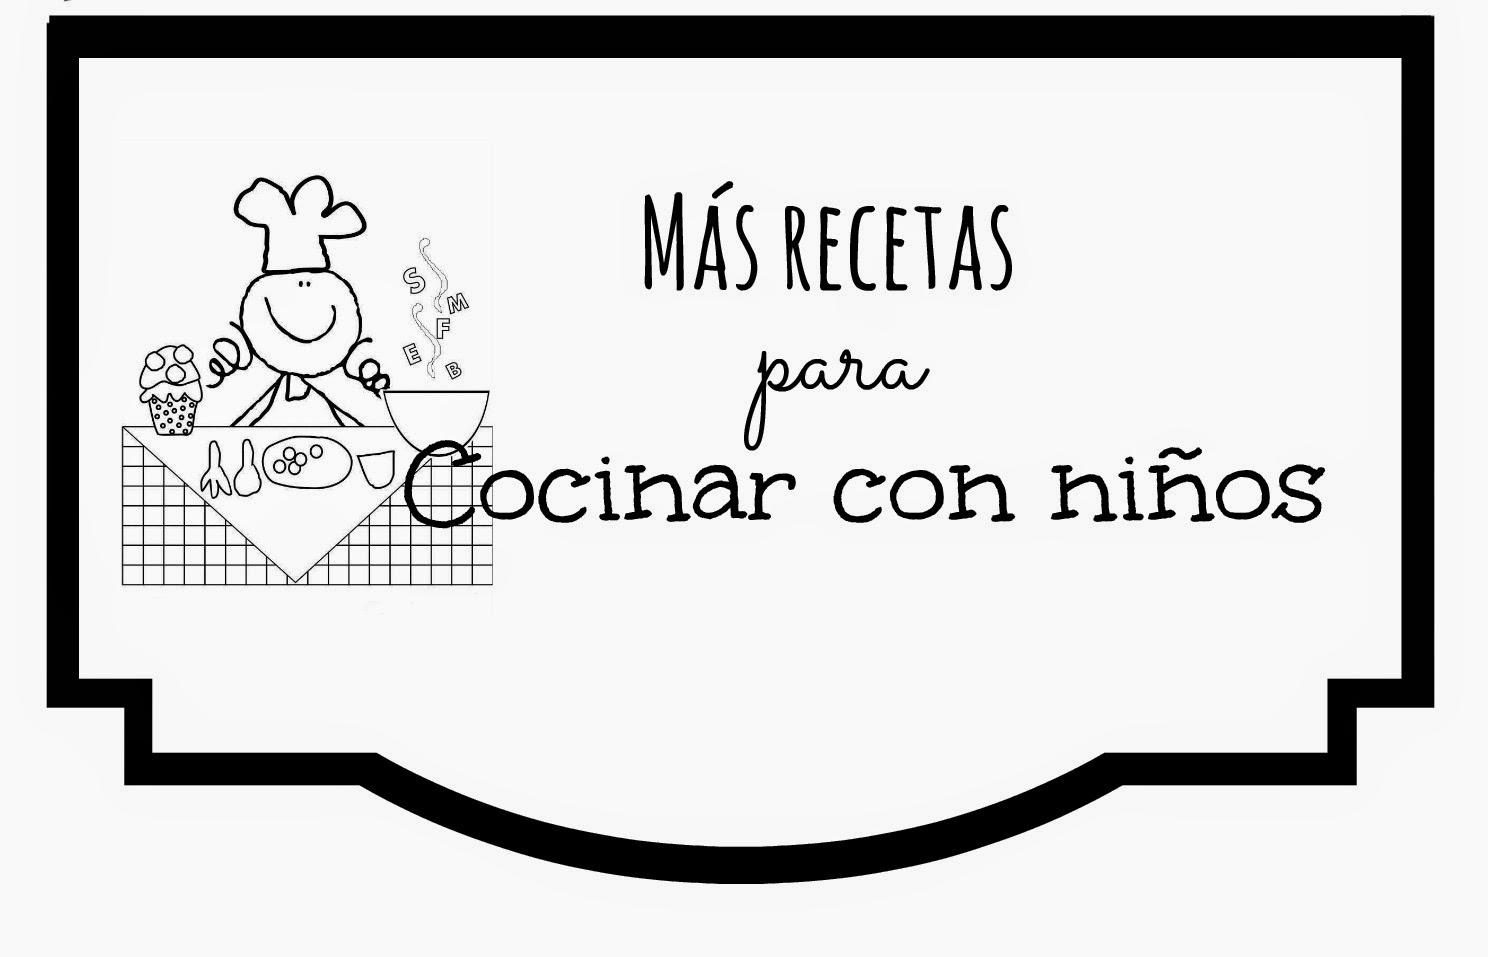 Dibujos De Recetas De Cocina Para Ninos Para Colorear: EDUCALDIA: Marzo 2014